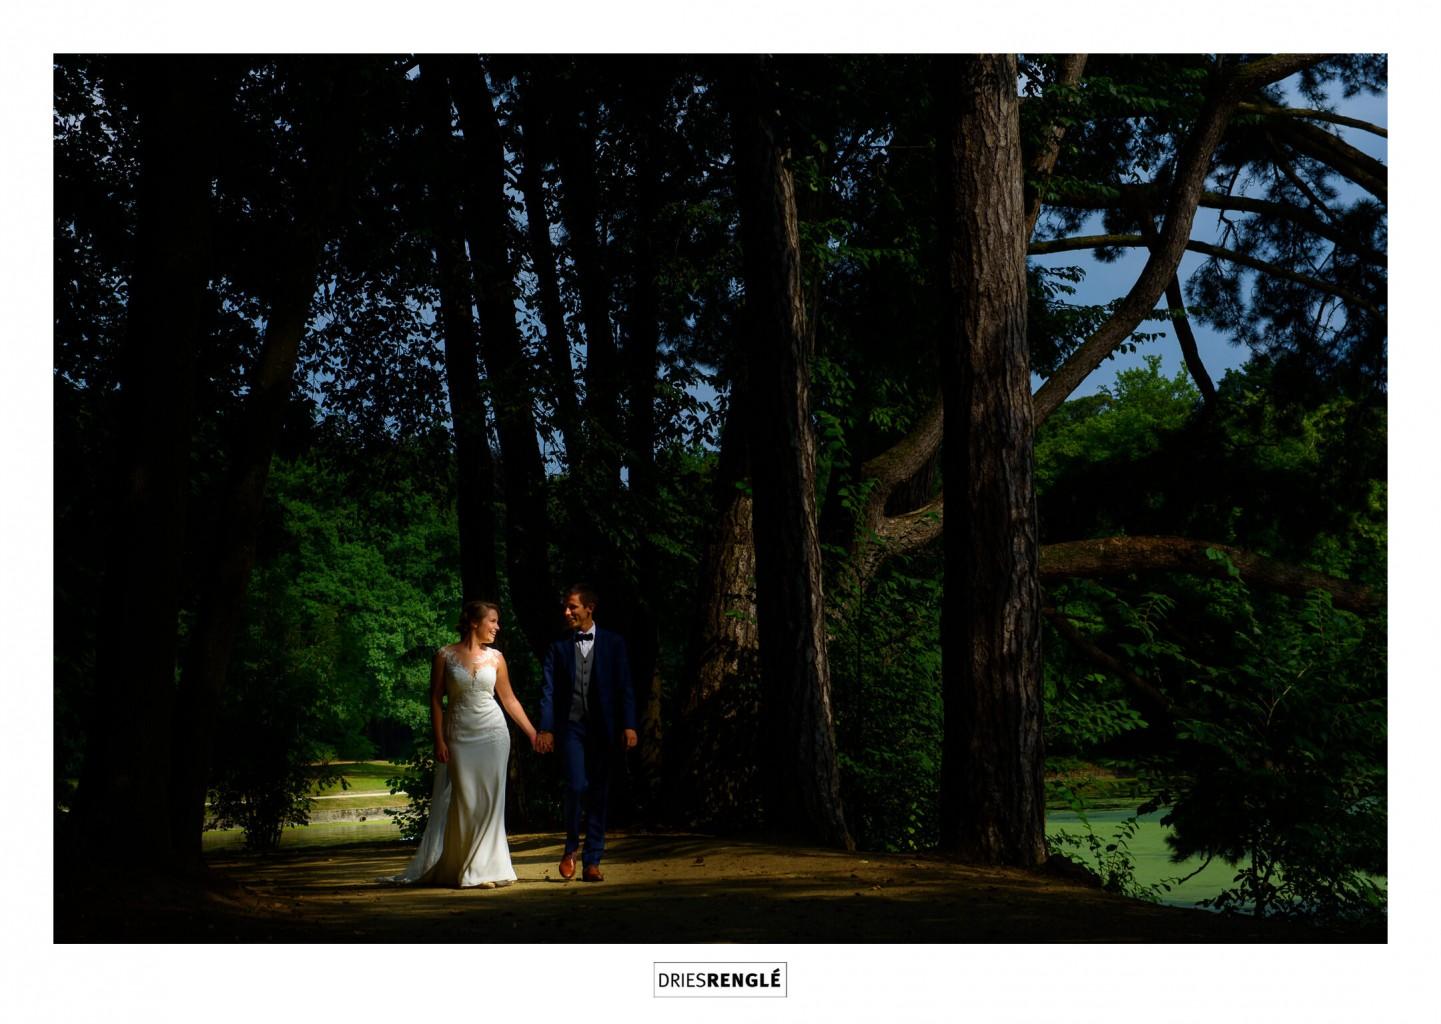 005-feestzaal-huwelijk-chalet-robinson-dries-rengle